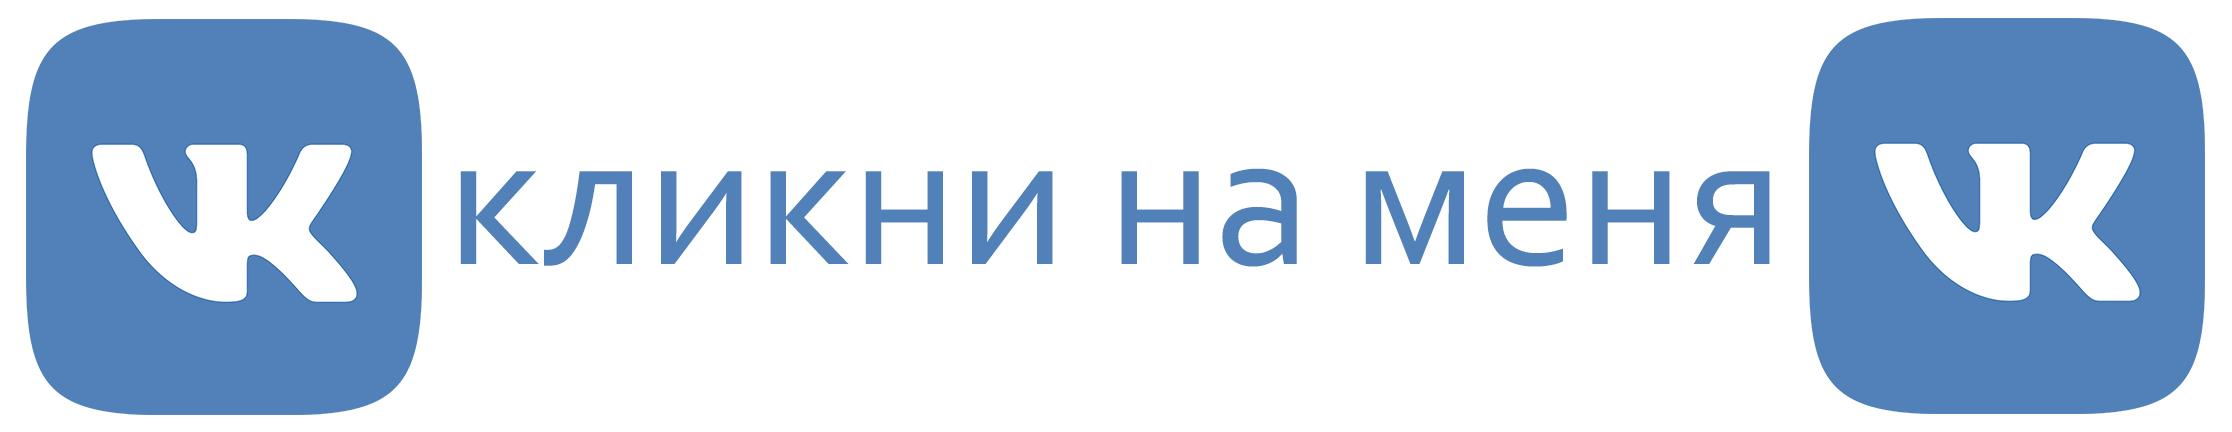 Подписаться в Вконтакте